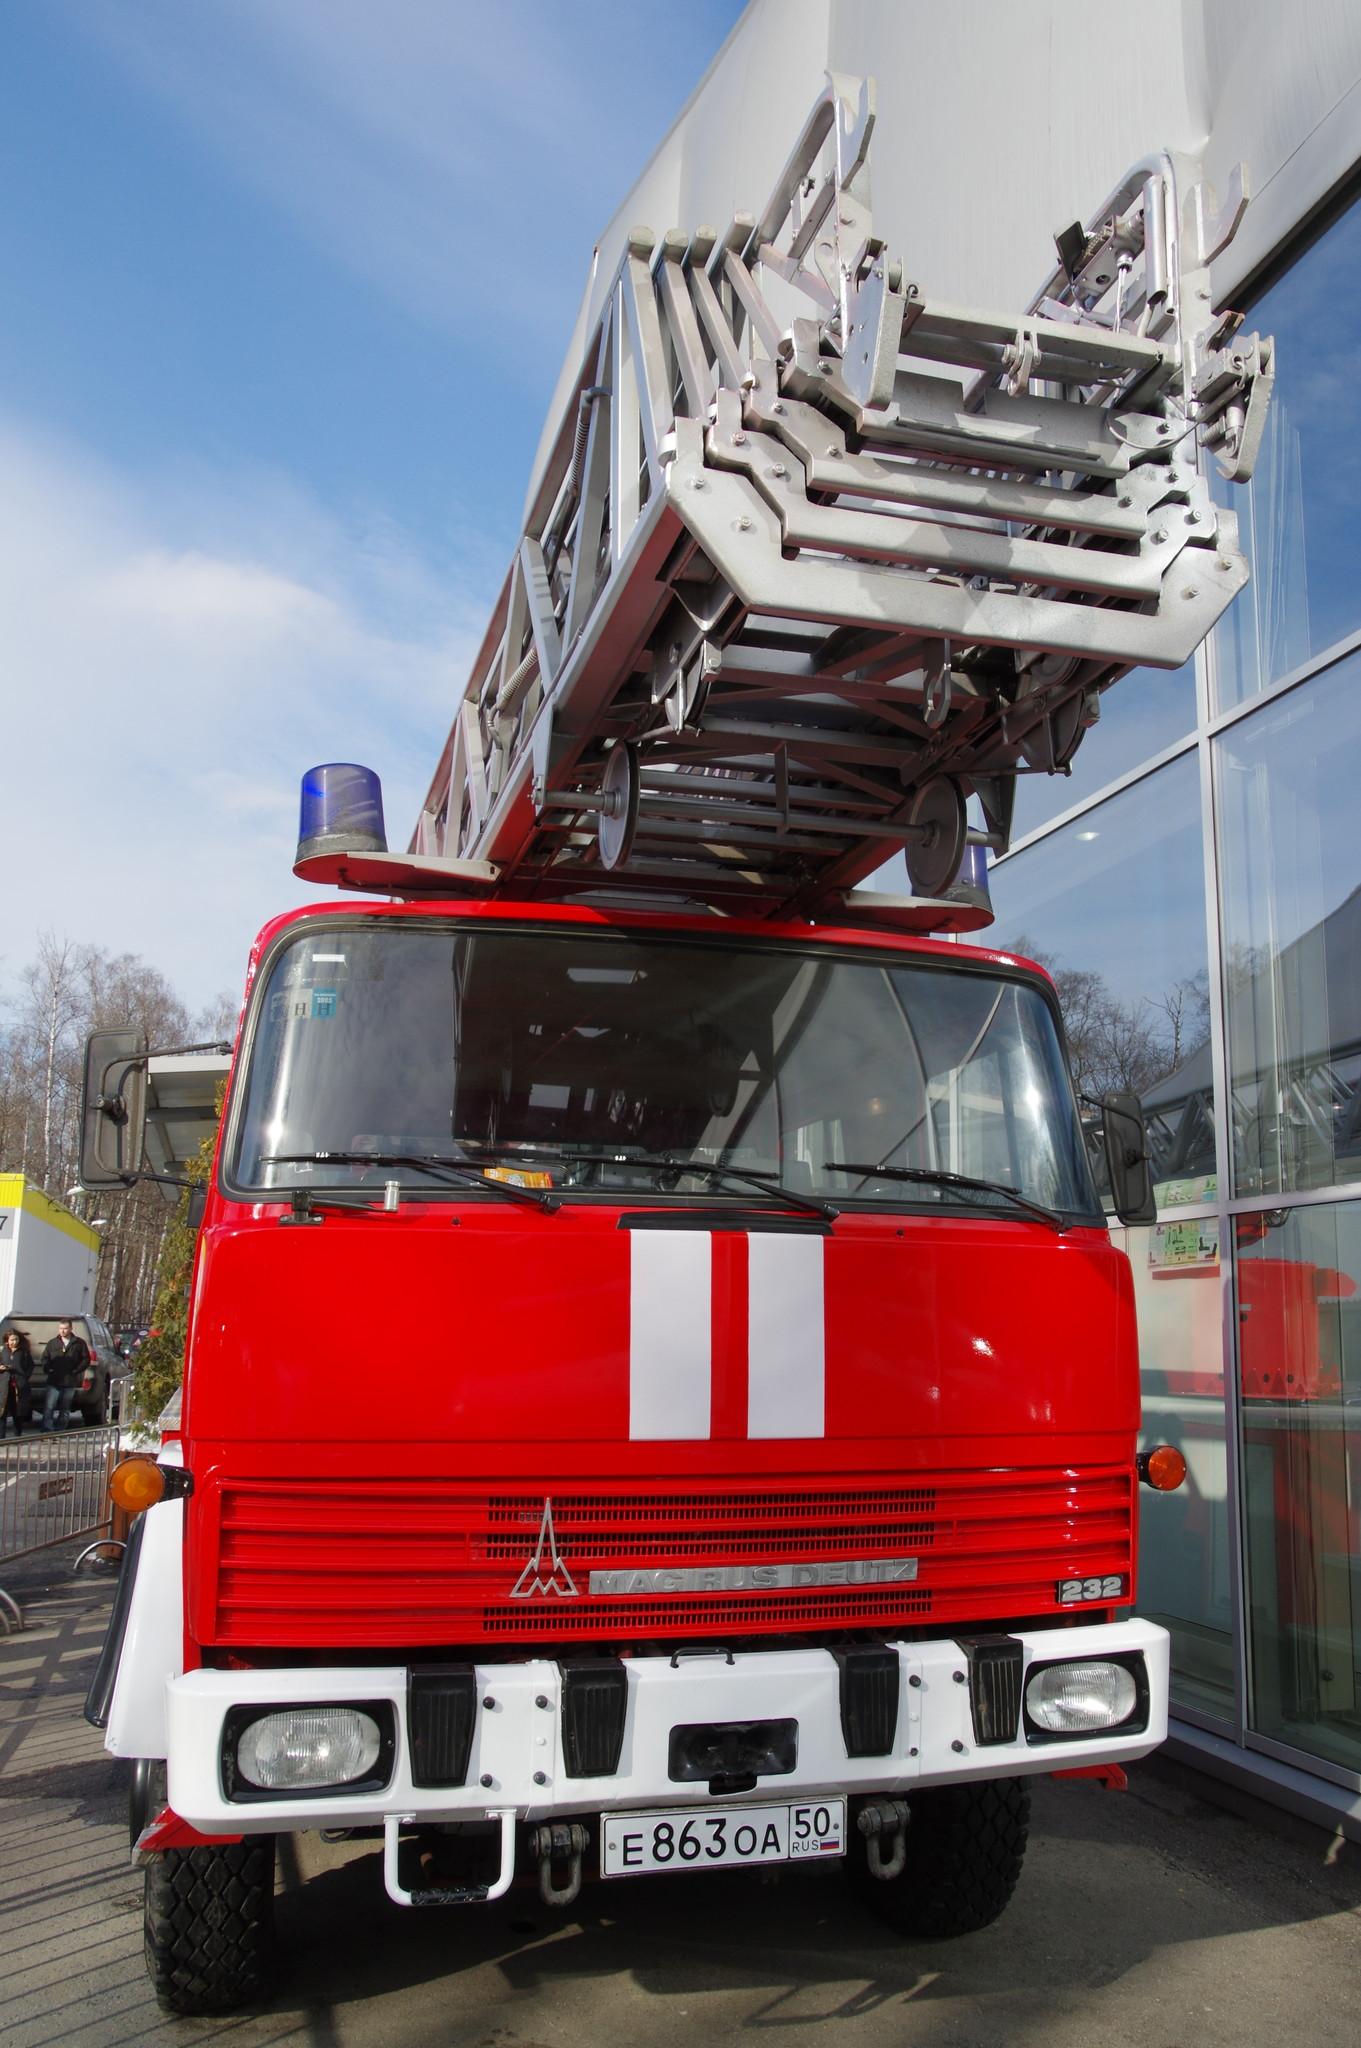 Пожарный автомобиль Magirus-Deutz 232D15 с 50-метровой раздвижной лестницей DL50